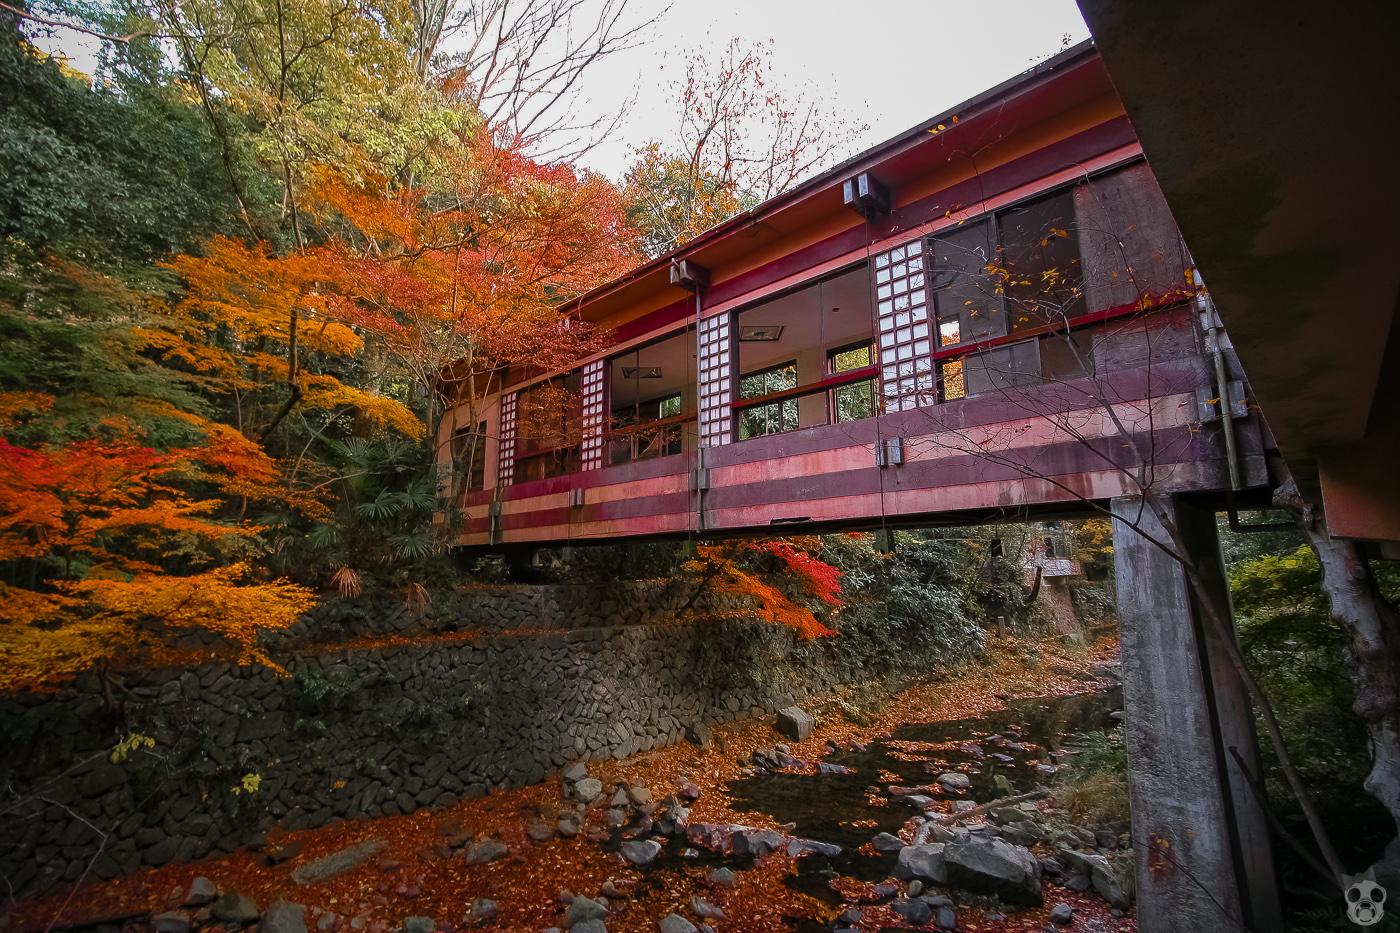 A Deserted Hototogisu Inn  ほととぎす旅館